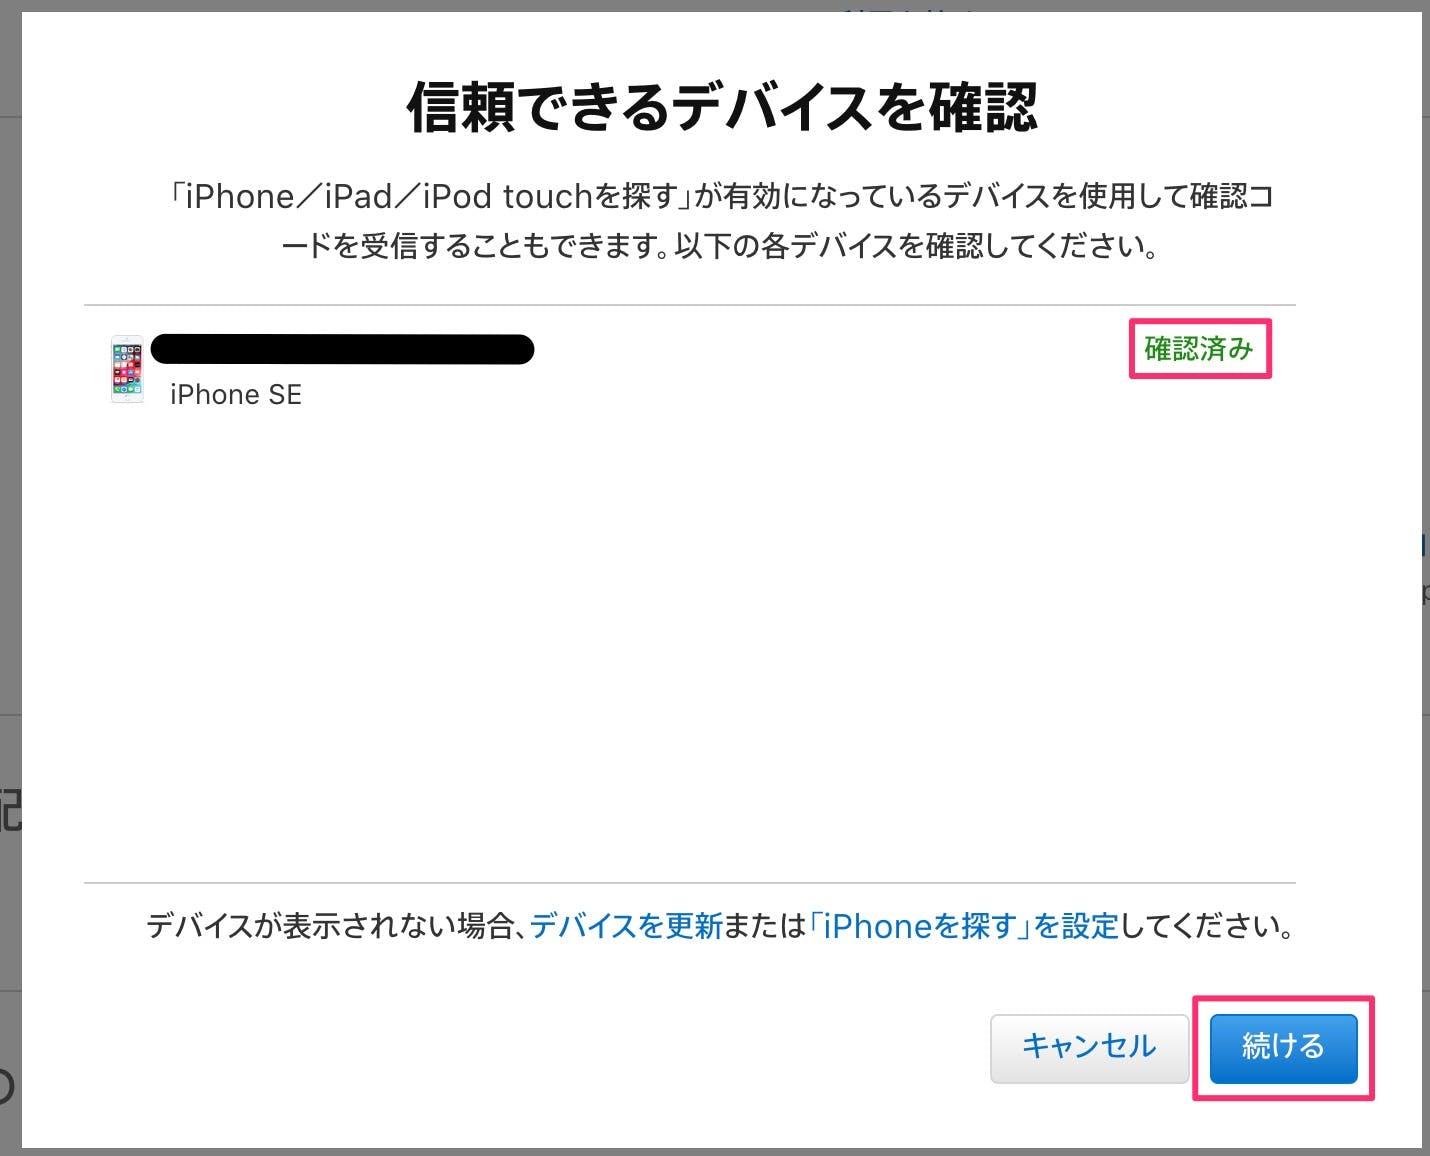 スクリーンショット_2019-09-04_13_16_09.jpg